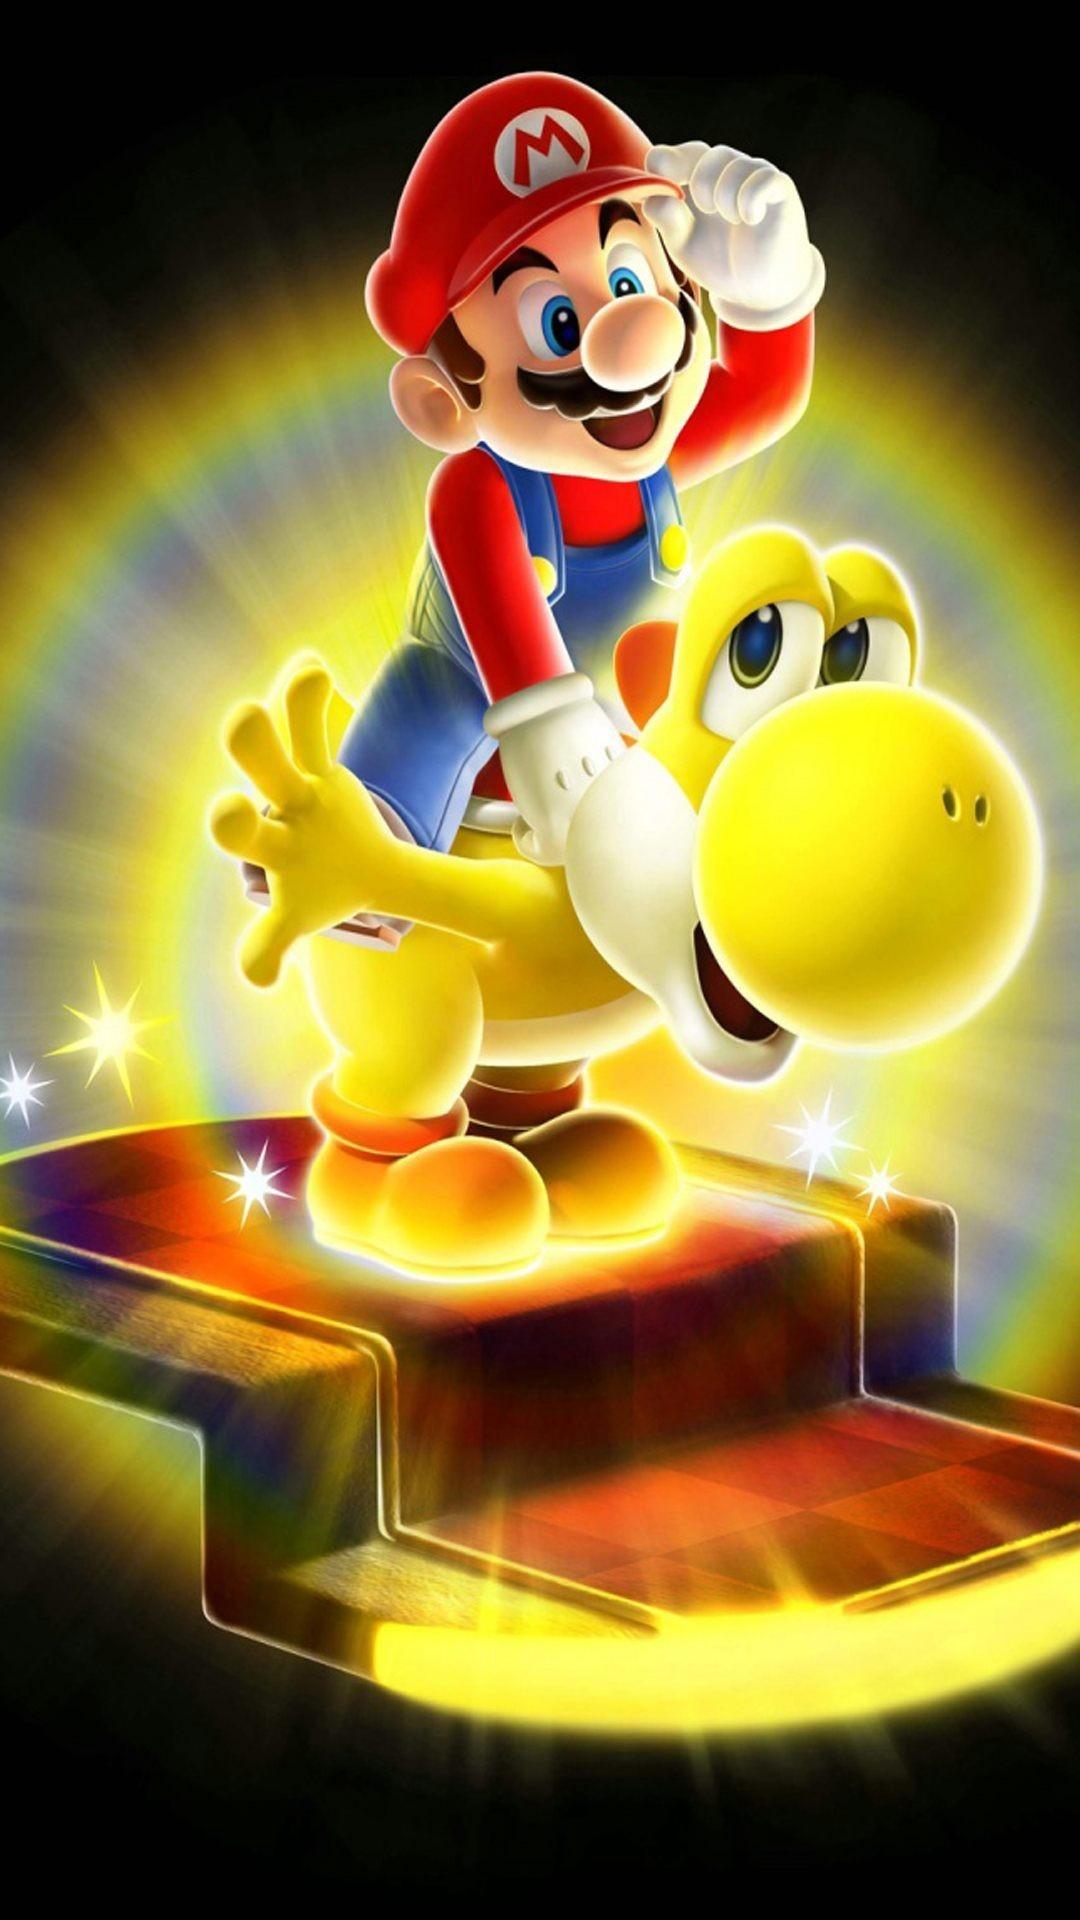 Mario Bros, Super Mario, Game Art, Nintendo, Gaming, Screen, Funds